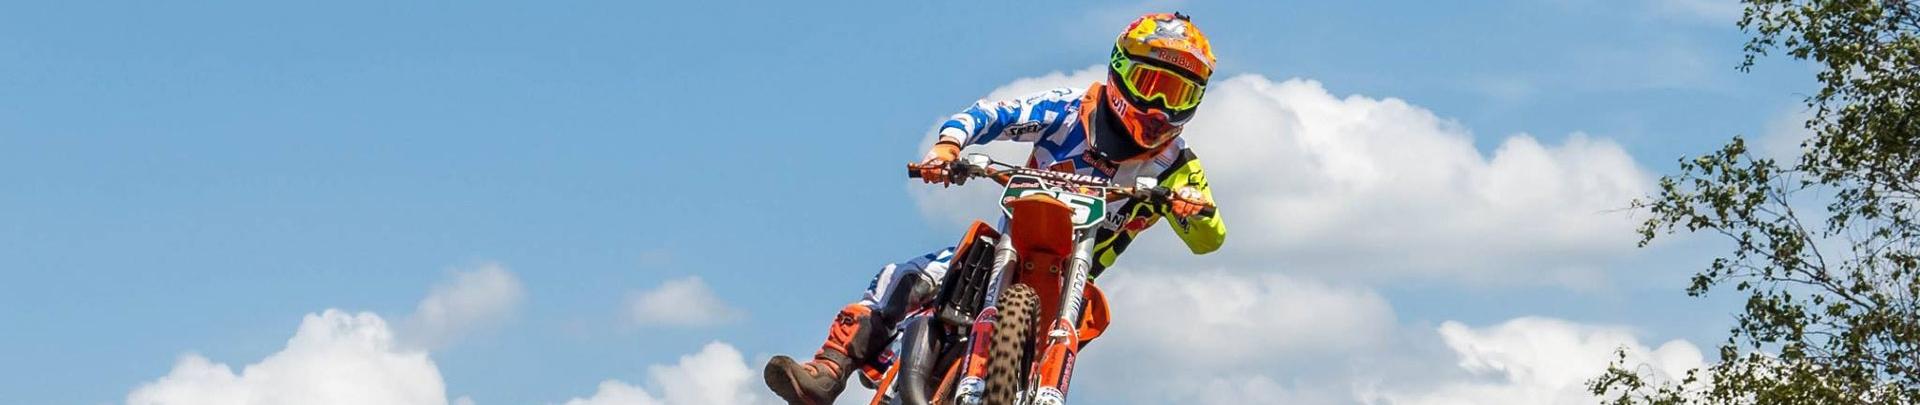 Jonge motorcoureur met zijn motor zwevend in de lucht